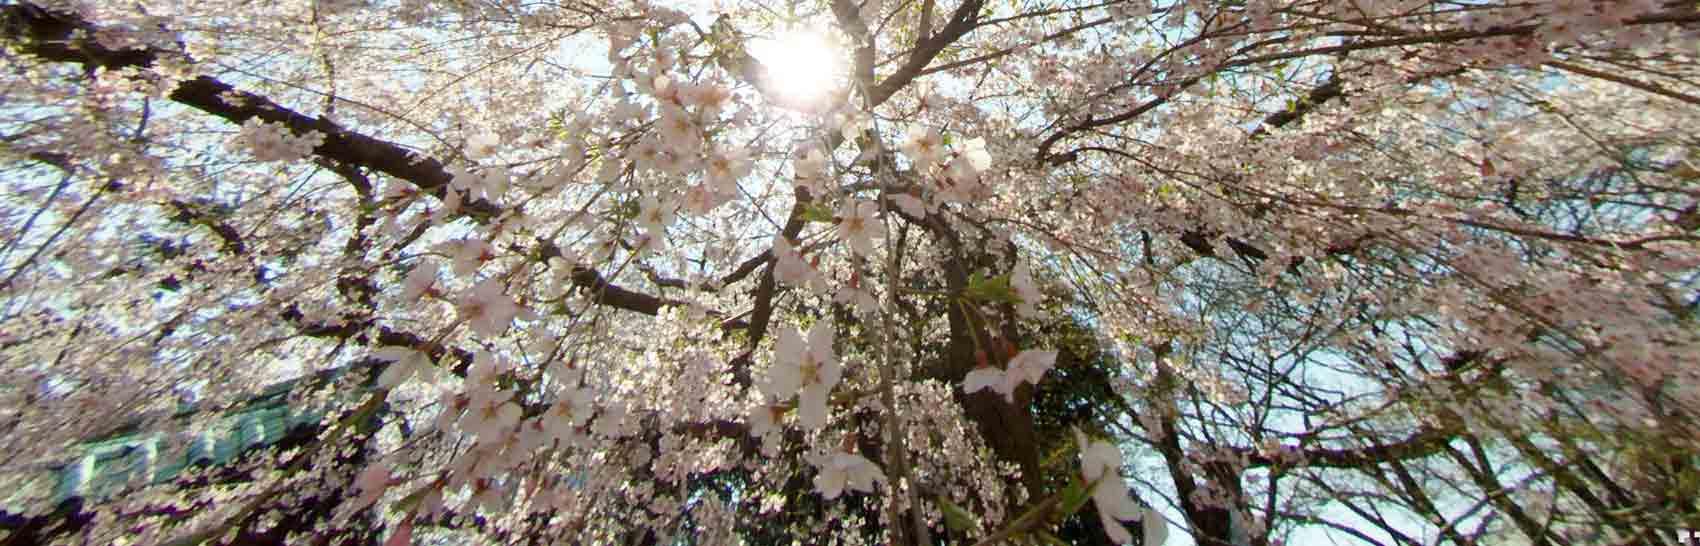 360度カメラの画像でバーチャルお花見